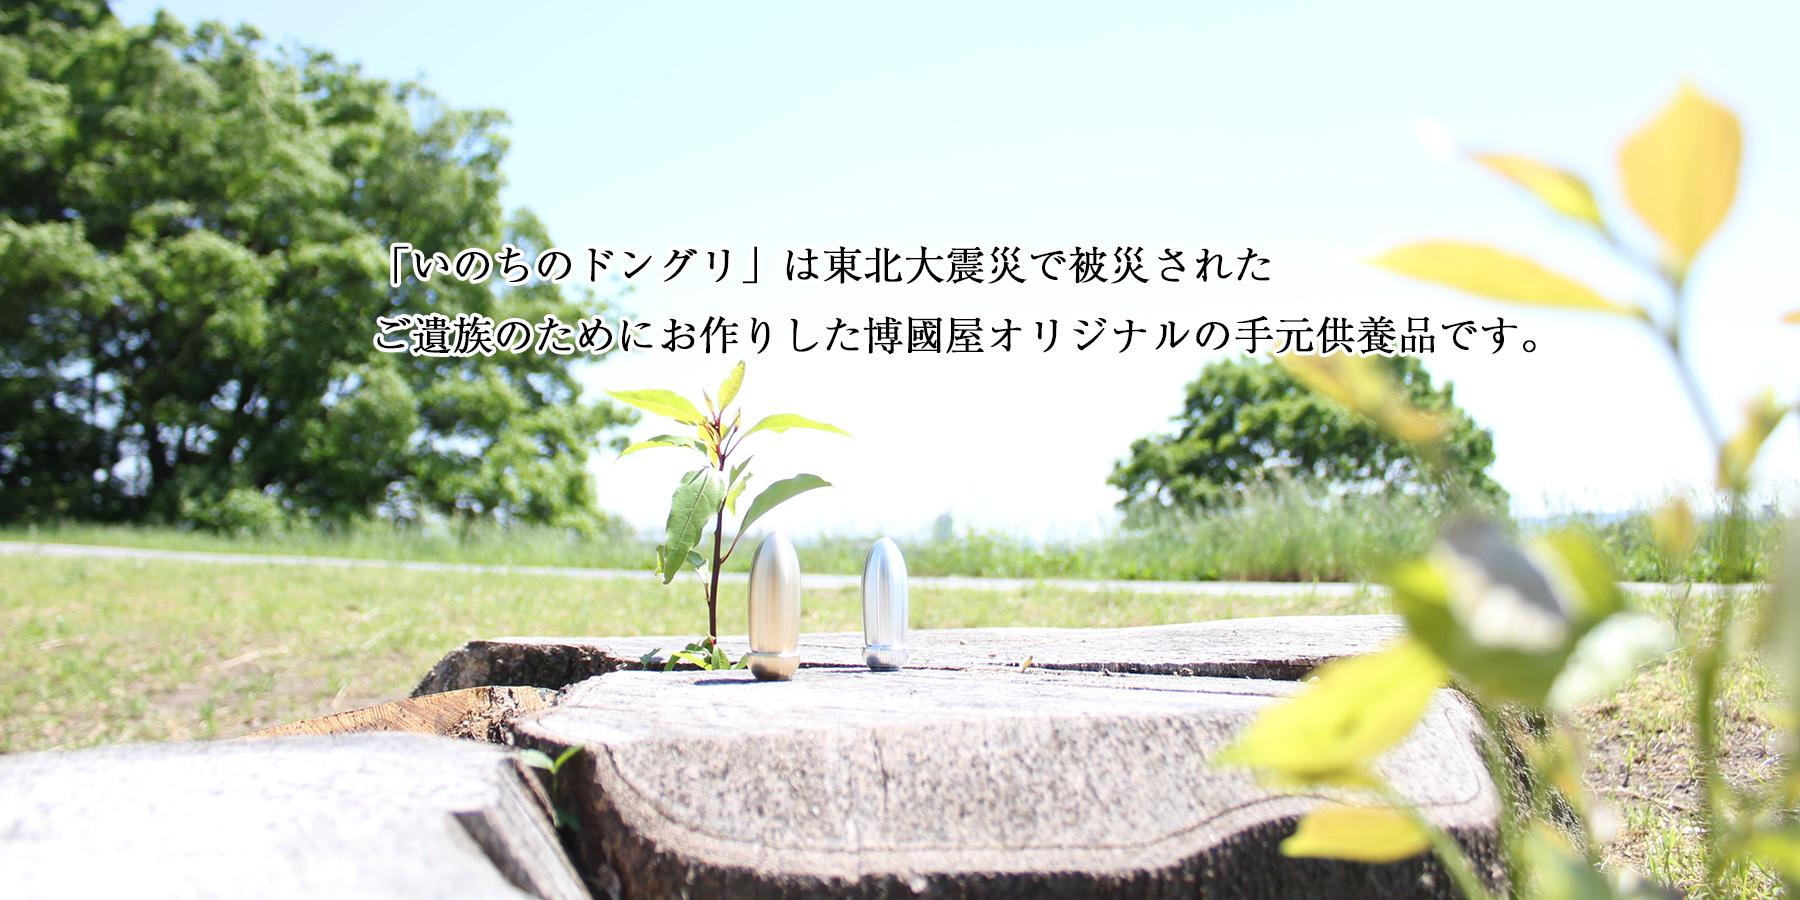 手元供養いのちのどんぐりは東日本大震災で被災されたご遺族のためにお作りした手元供養品